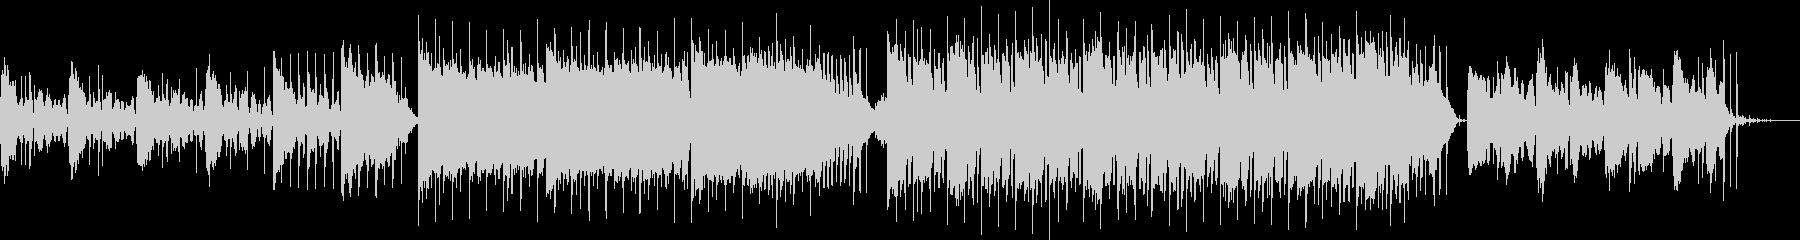 真夏の夜・幻想的なトロピカルハウスBGMの未再生の波形